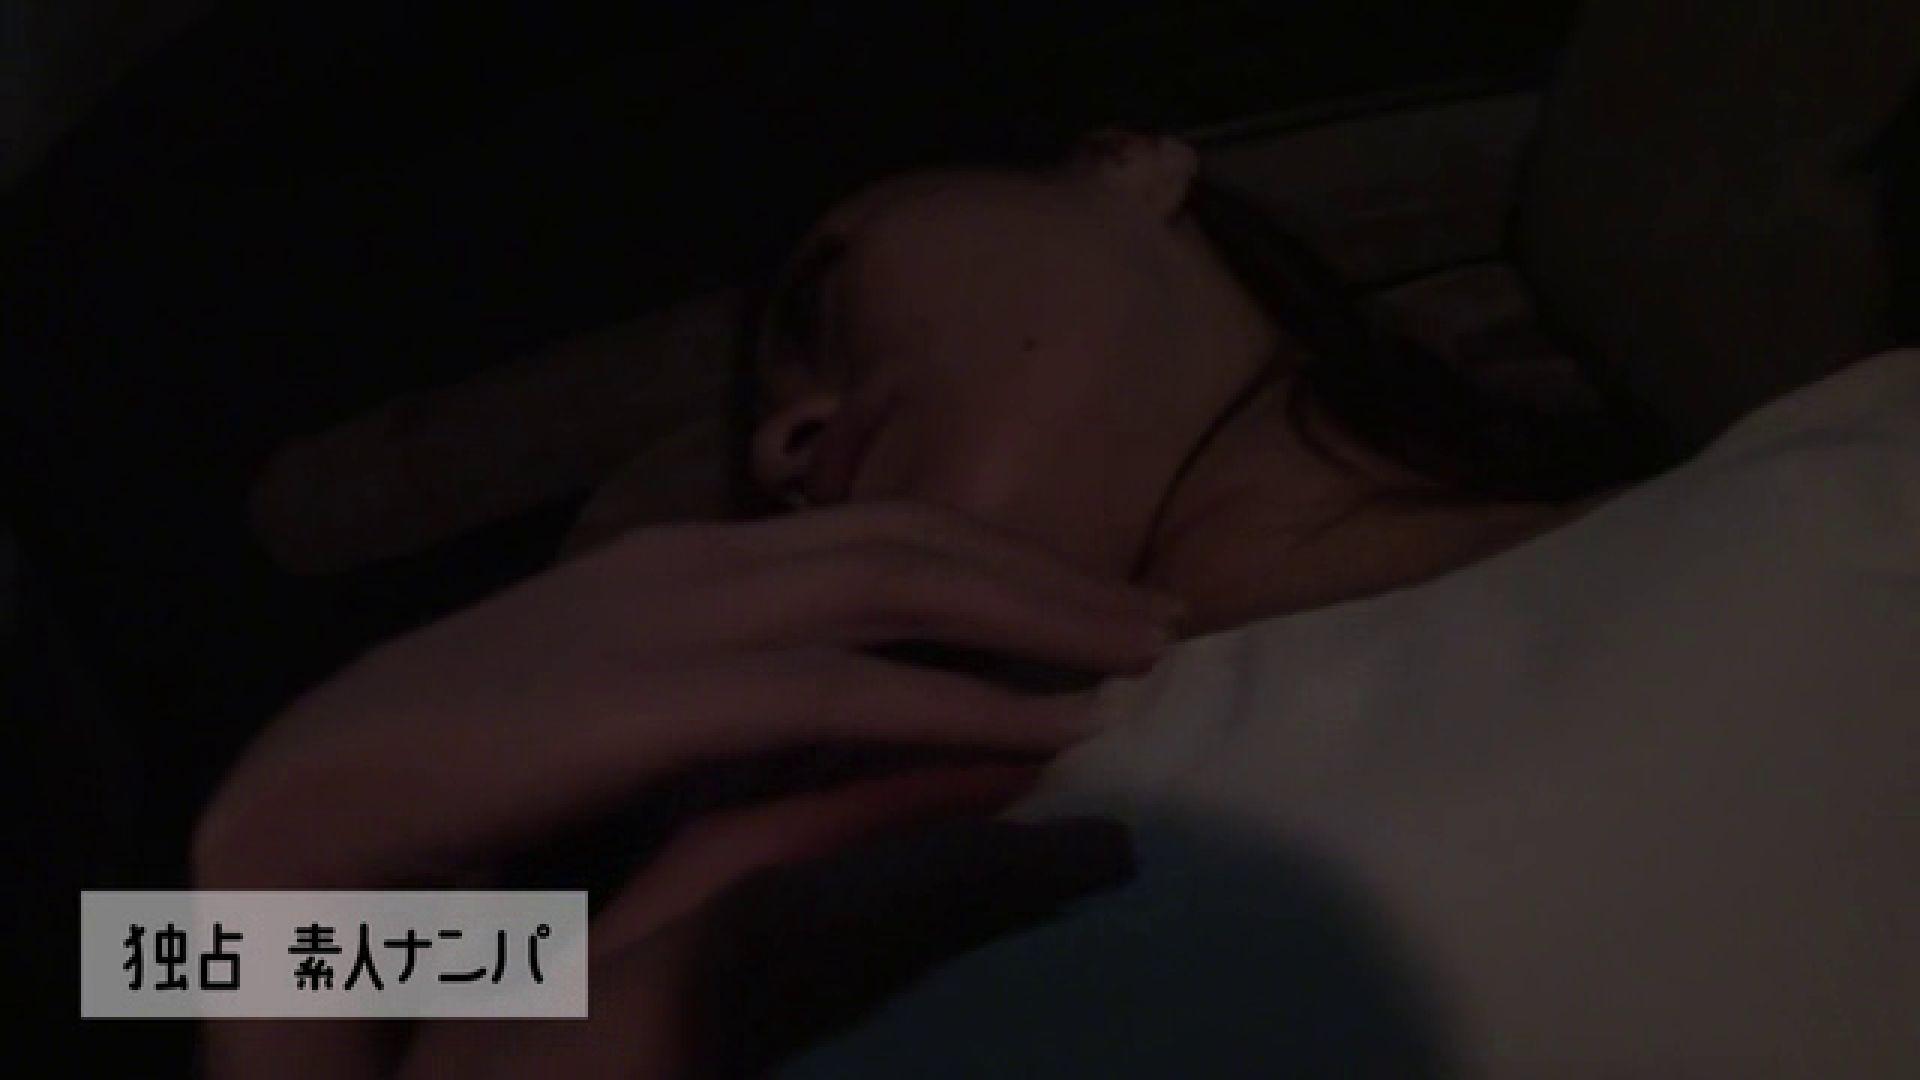 独占入手!!ヤラセ無し本物素人ナンパ 仕事帰りのOL編 企画 | ナンパ  102pic 77